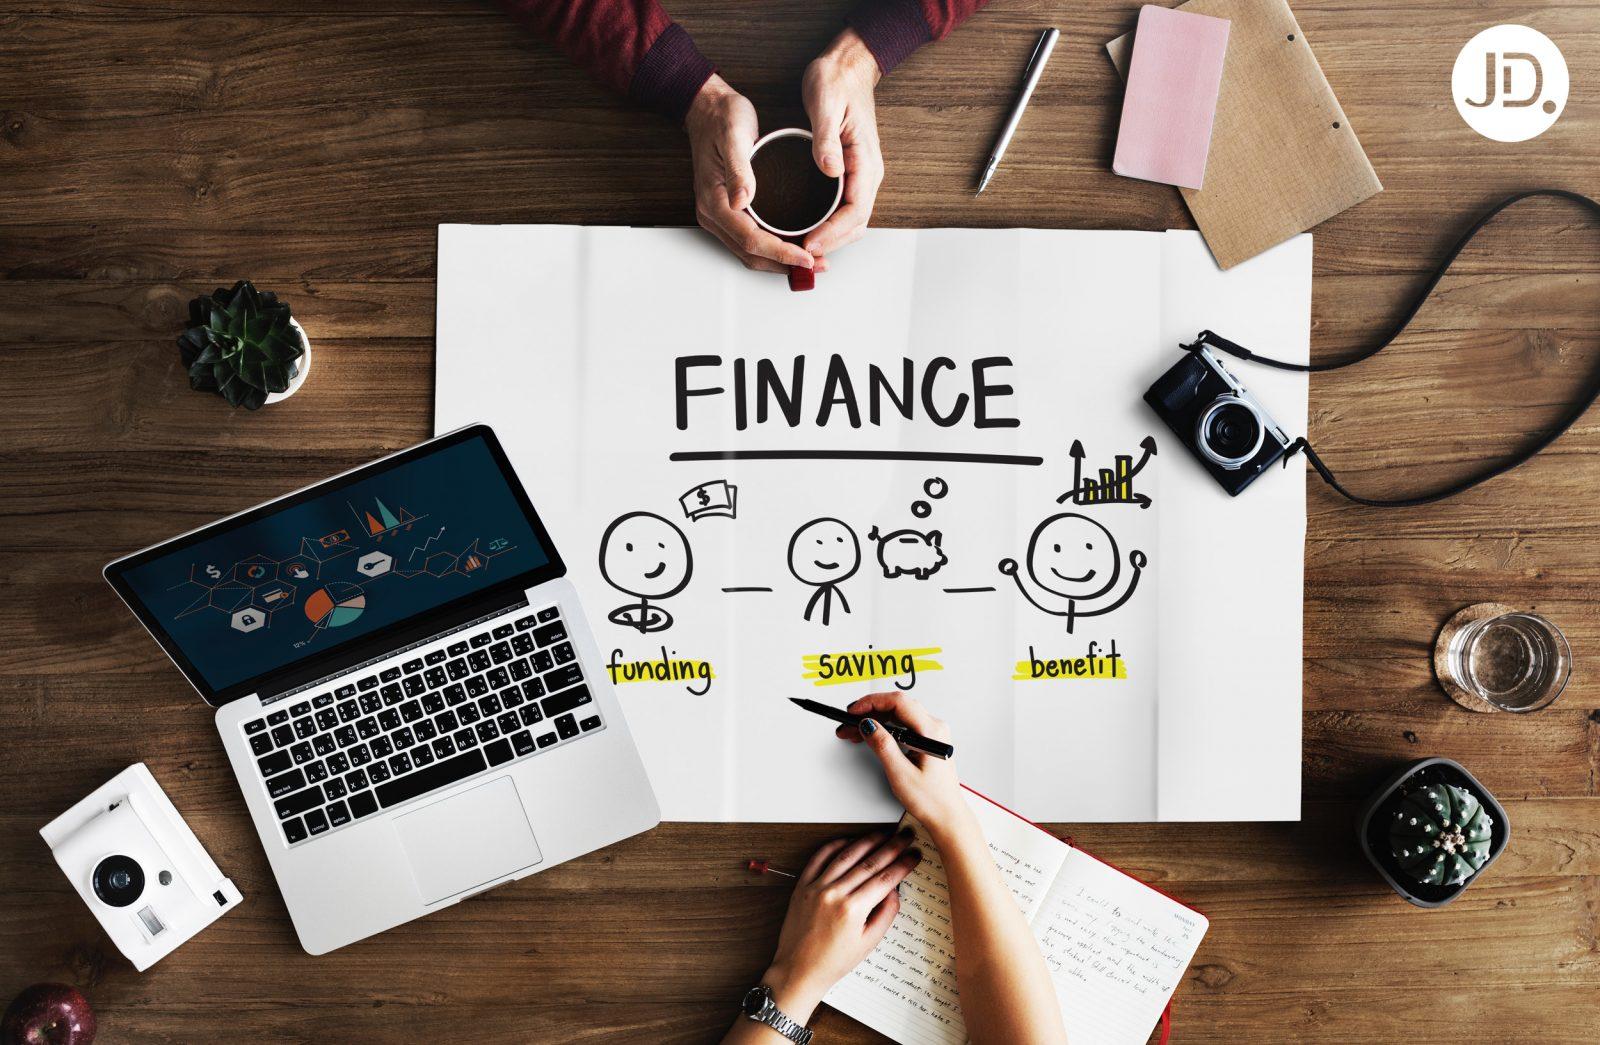 錢不夠沒辦法投資?5個小資族理財工具